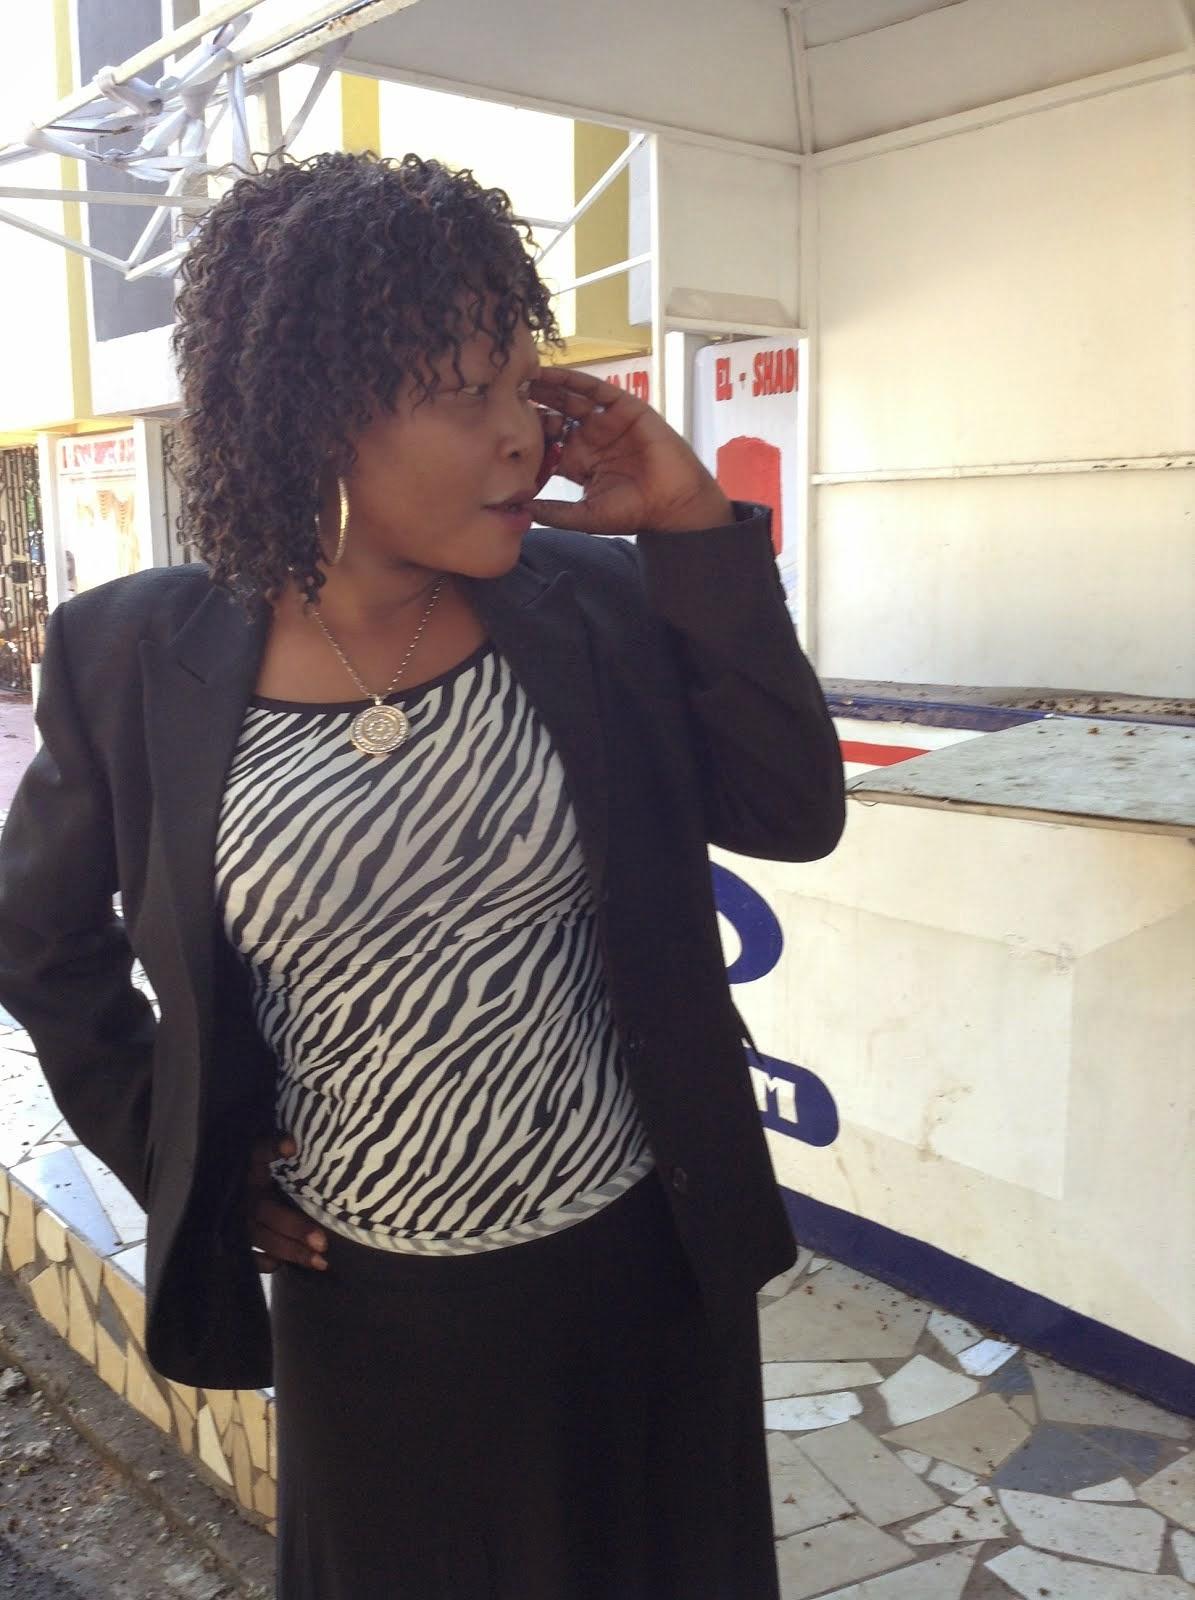 ELIZABETH NGAIZA ASHANGAZWA KUONA ATOSHA KISAVA NA  AMBWENE MWASONGWE WAKIMBILIA MGANGA